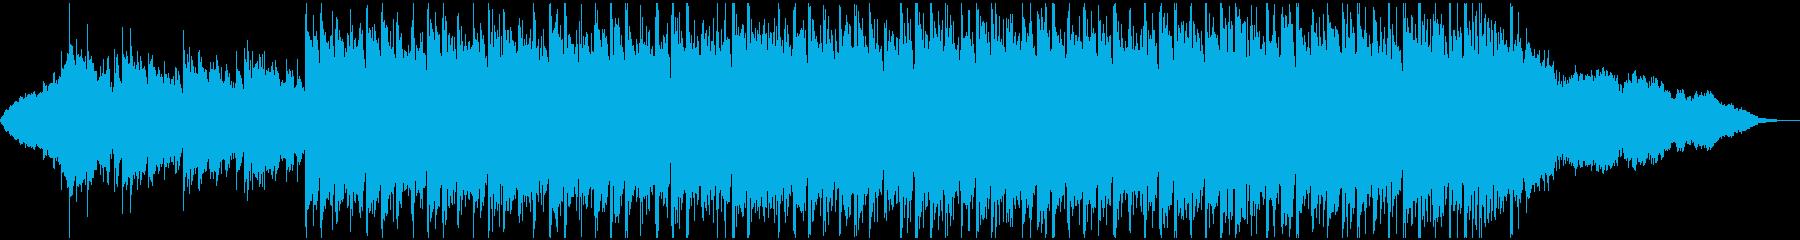 企業VP,コーポレート,さわやか,60秒の再生済みの波形